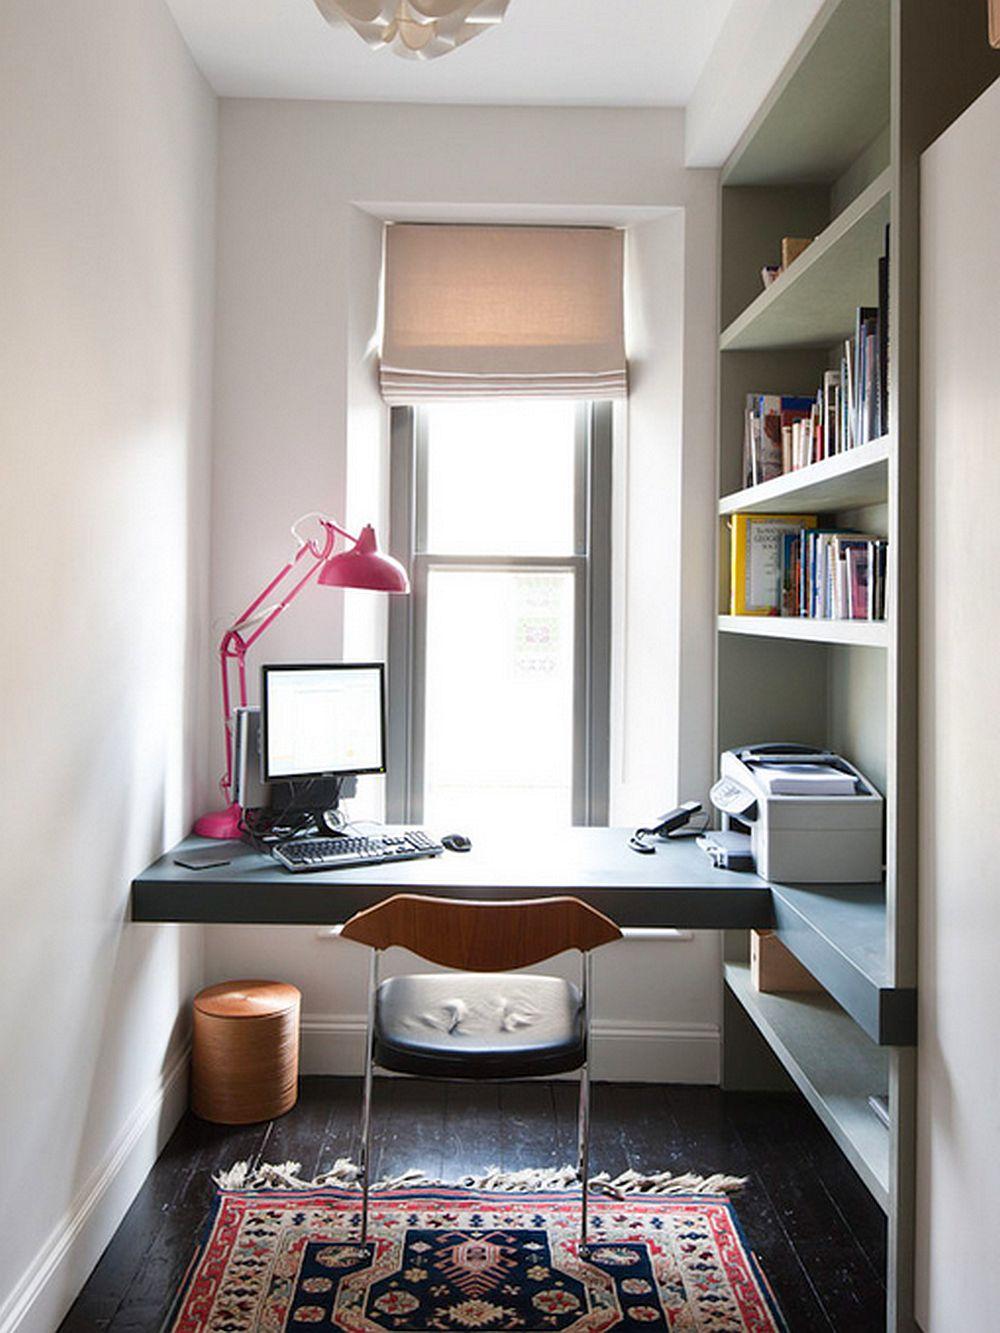 Chiar și într-un spatiu ingust se poate crea loc de birou, dar e de preferat ca masa sa fie suspendata, fara picioare. Foto moon design + build